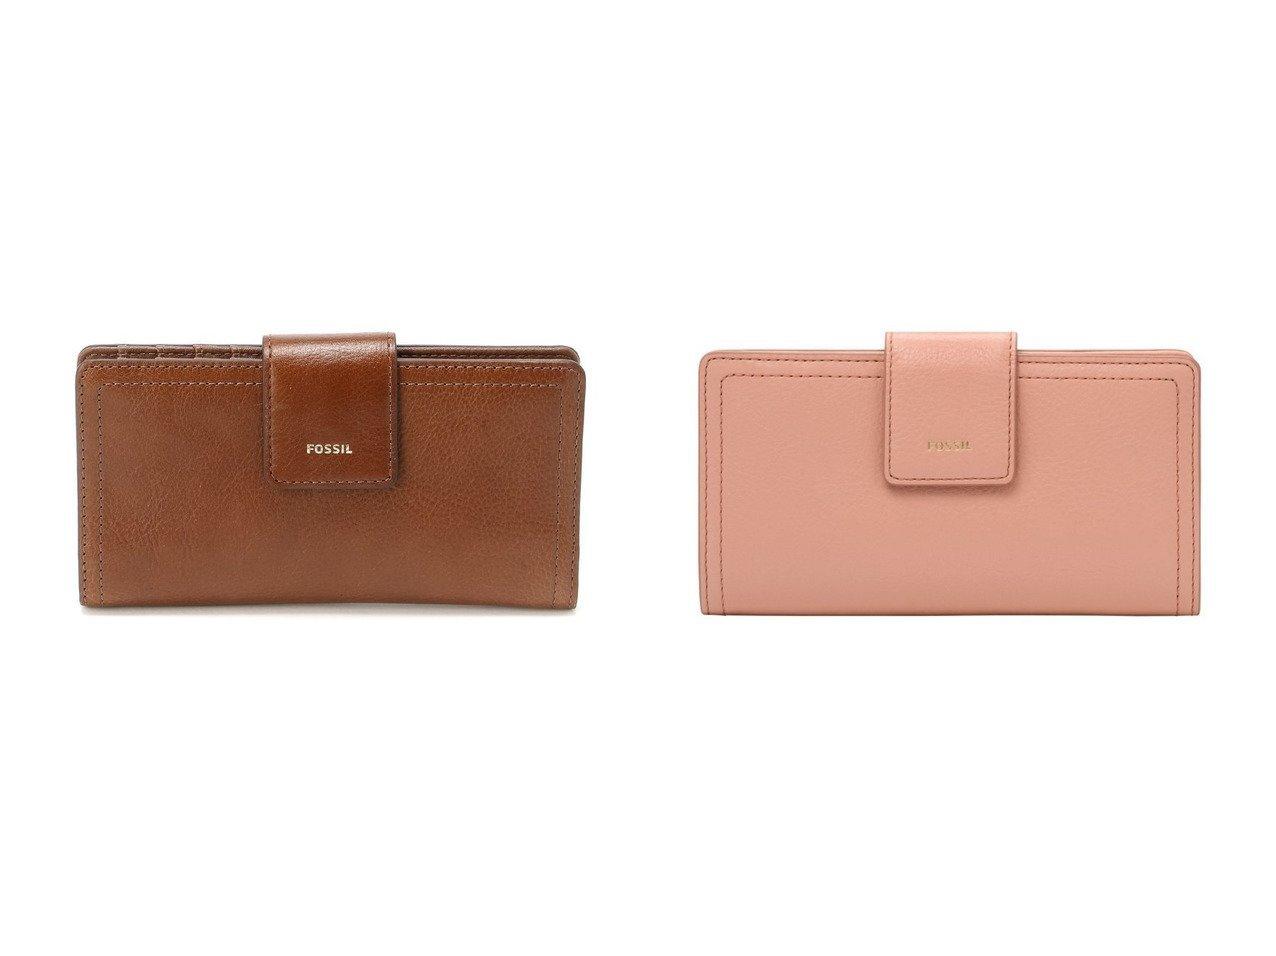 【FOSSIL/フォッシル】のLOGAN RFID TAB CLUTCH SL7830 おすすめ!人気、トレンド・レディースファッションの通販  おすすめで人気の流行・トレンド、ファッションの通販商品 インテリア・家具・メンズファッション・キッズファッション・レディースファッション・服の通販 founy(ファニー) https://founy.com/ ファッション Fashion レディースファッション WOMEN バッグ Bag 財布 Wallets 財布 |ID:crp329100000062894